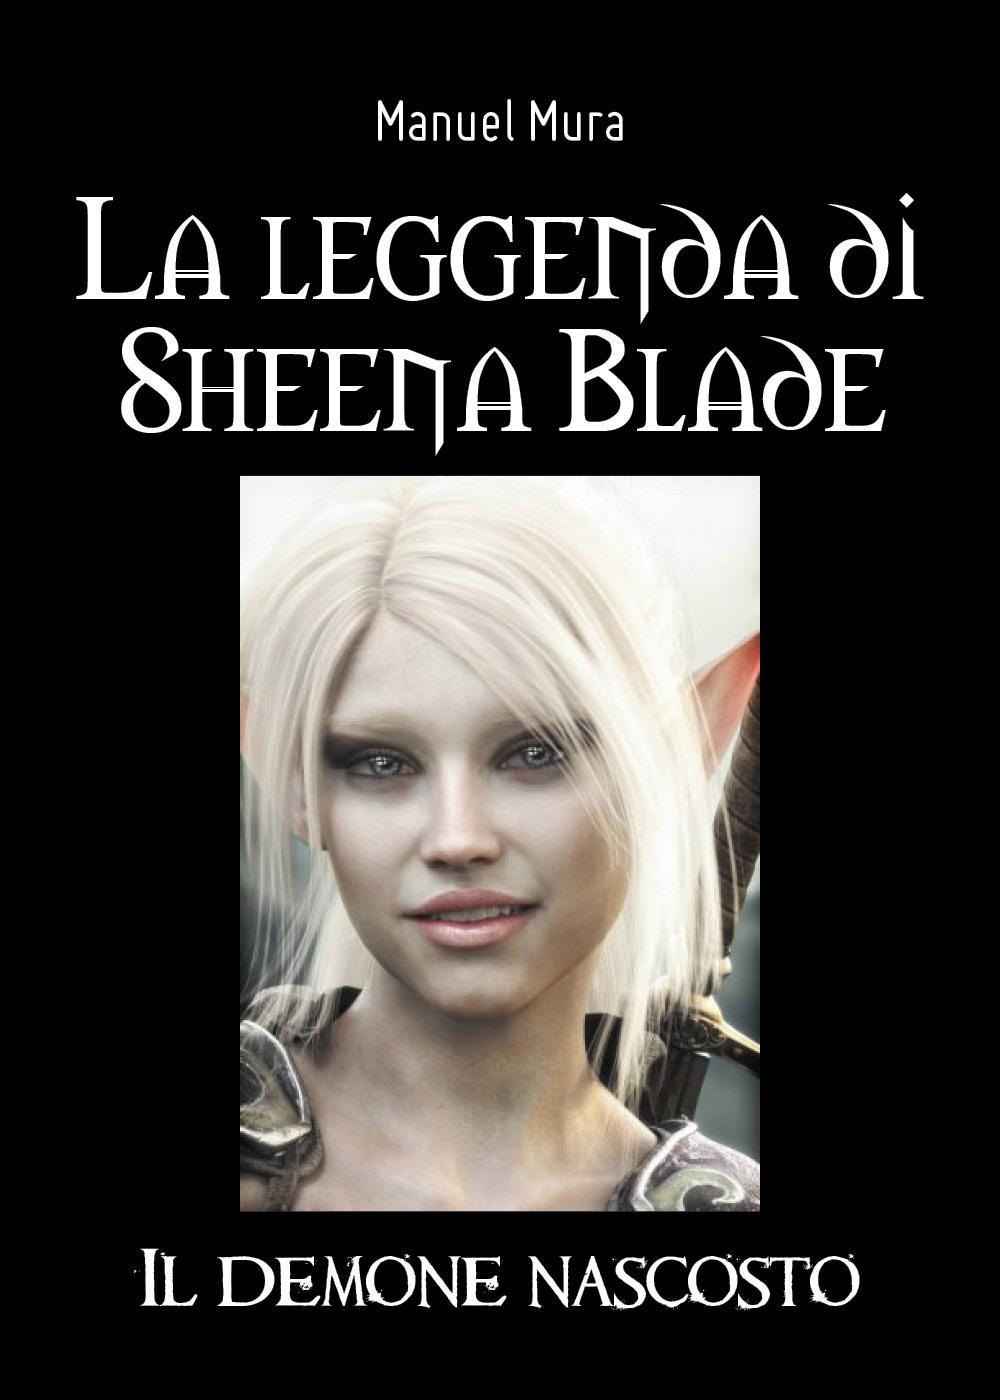 La leggenda di Sheena Blade - Il demone nascosto